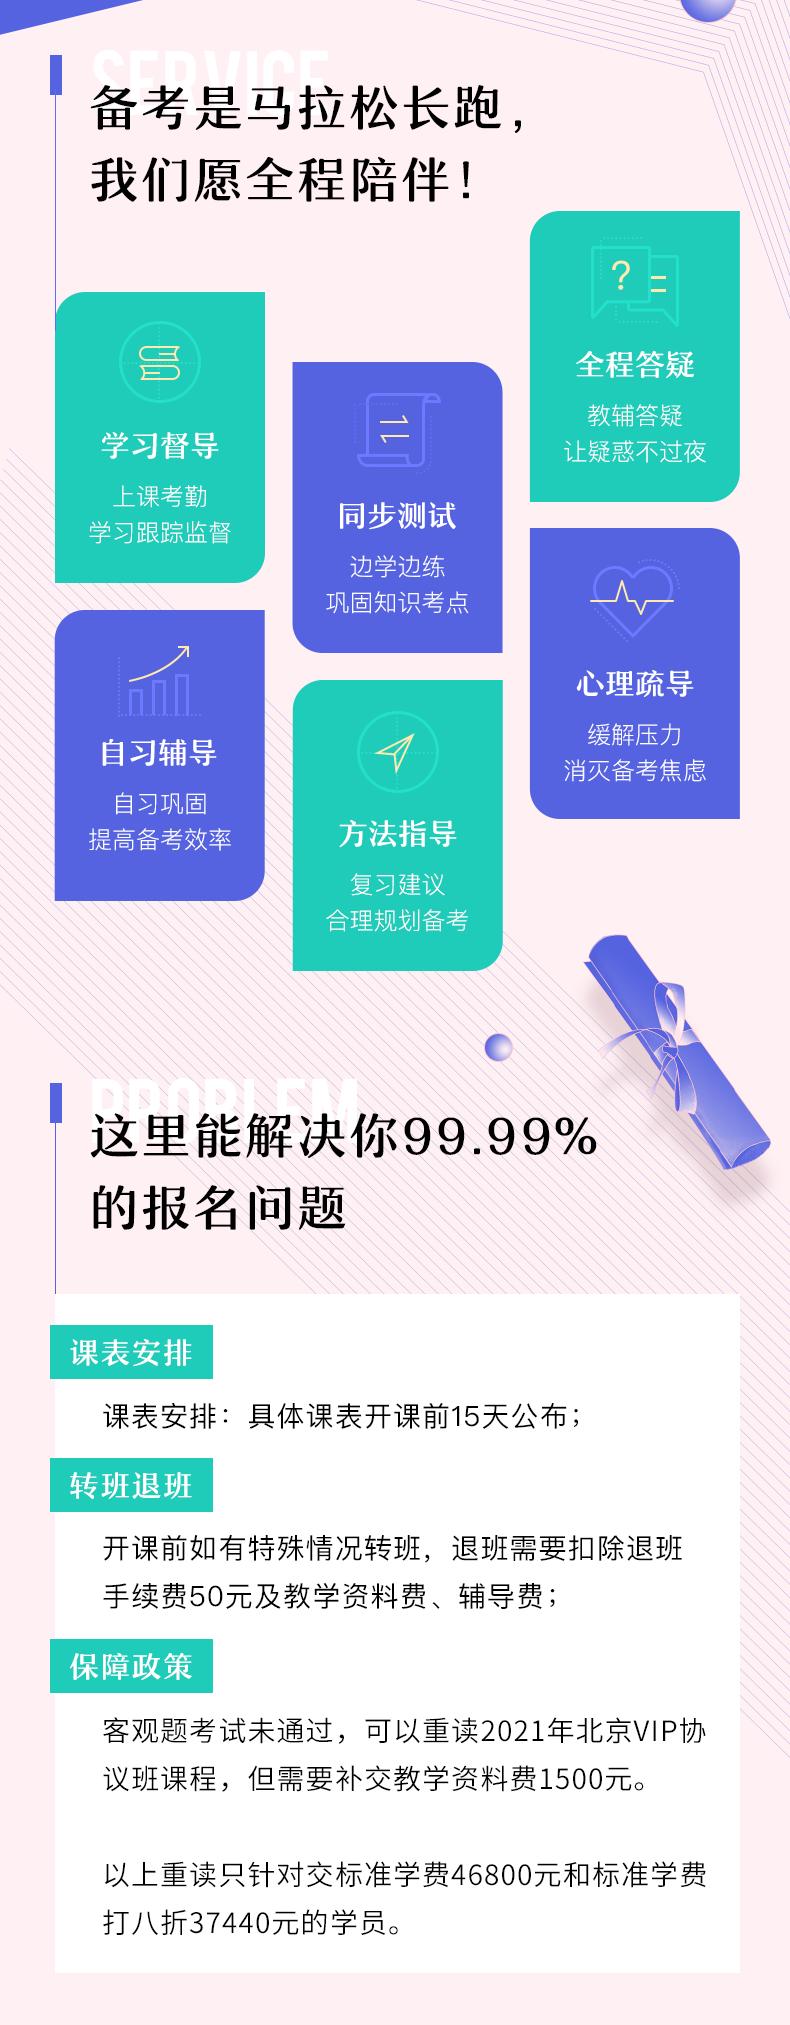 北京vip协议班_02.png